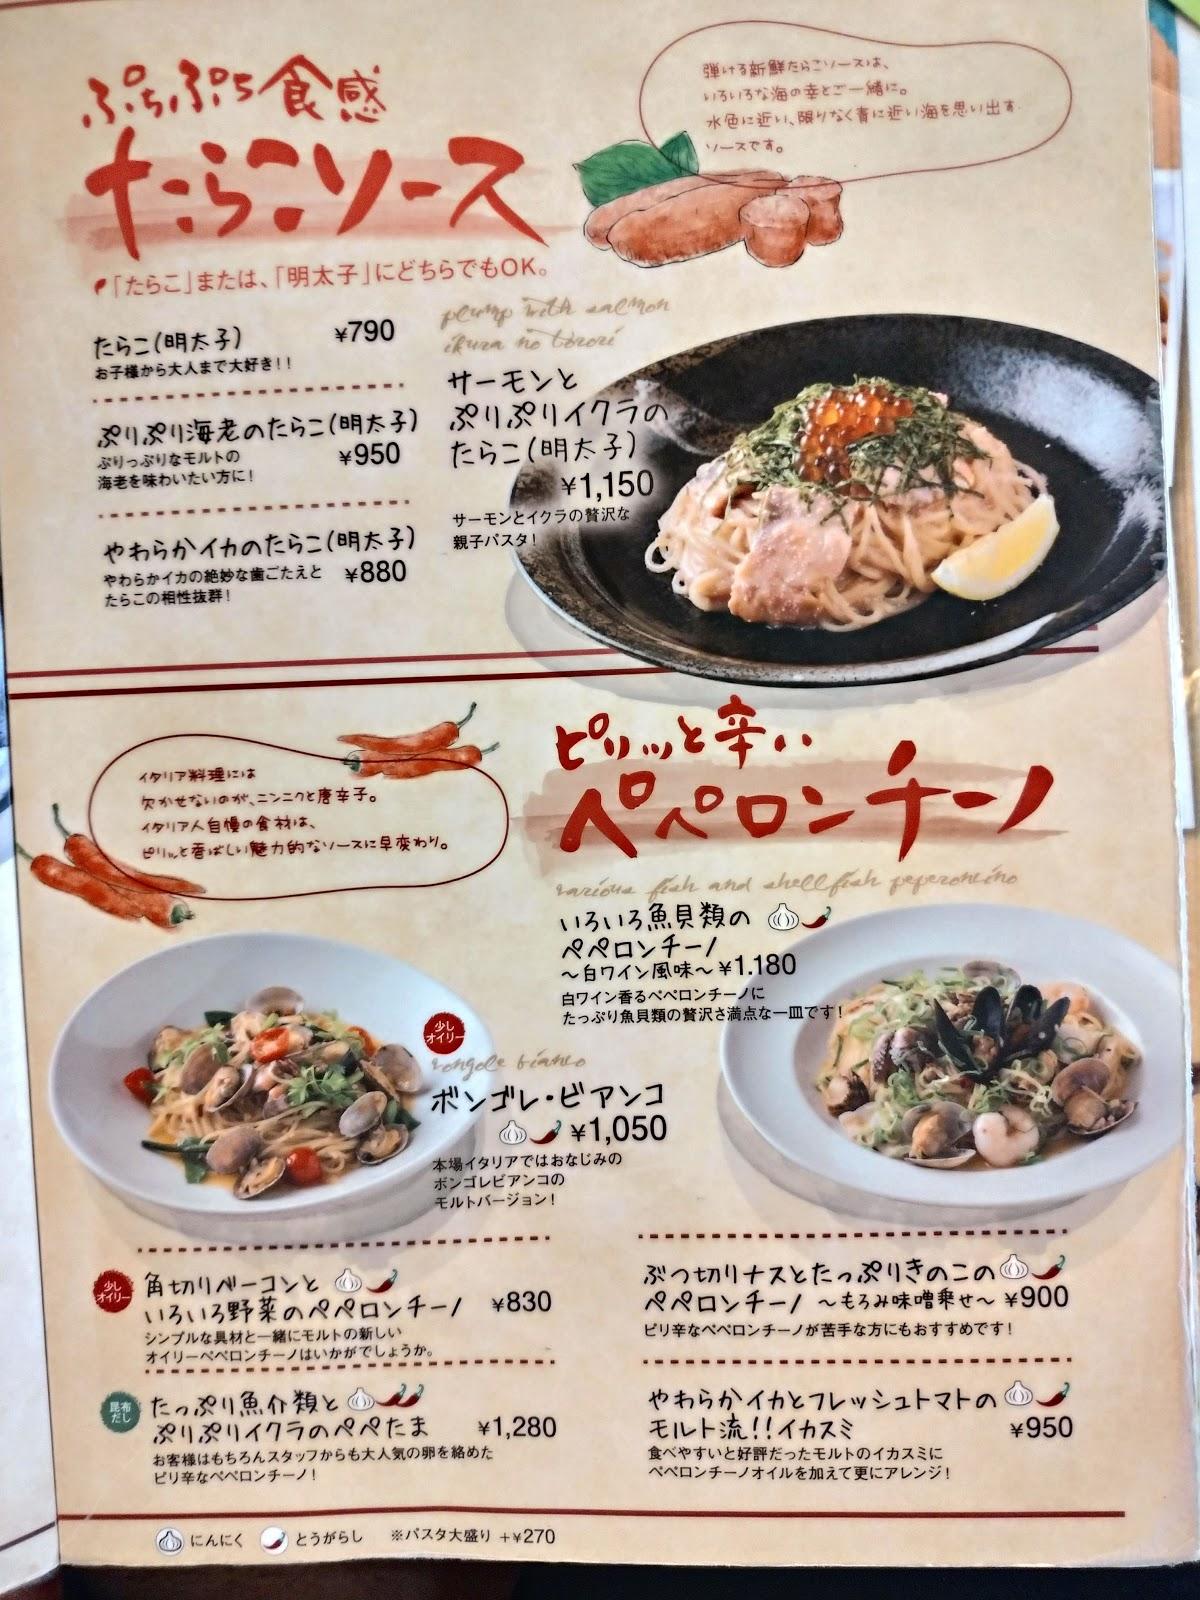 池田市ランチおすすめイタリアンモルトボーノメニュー表